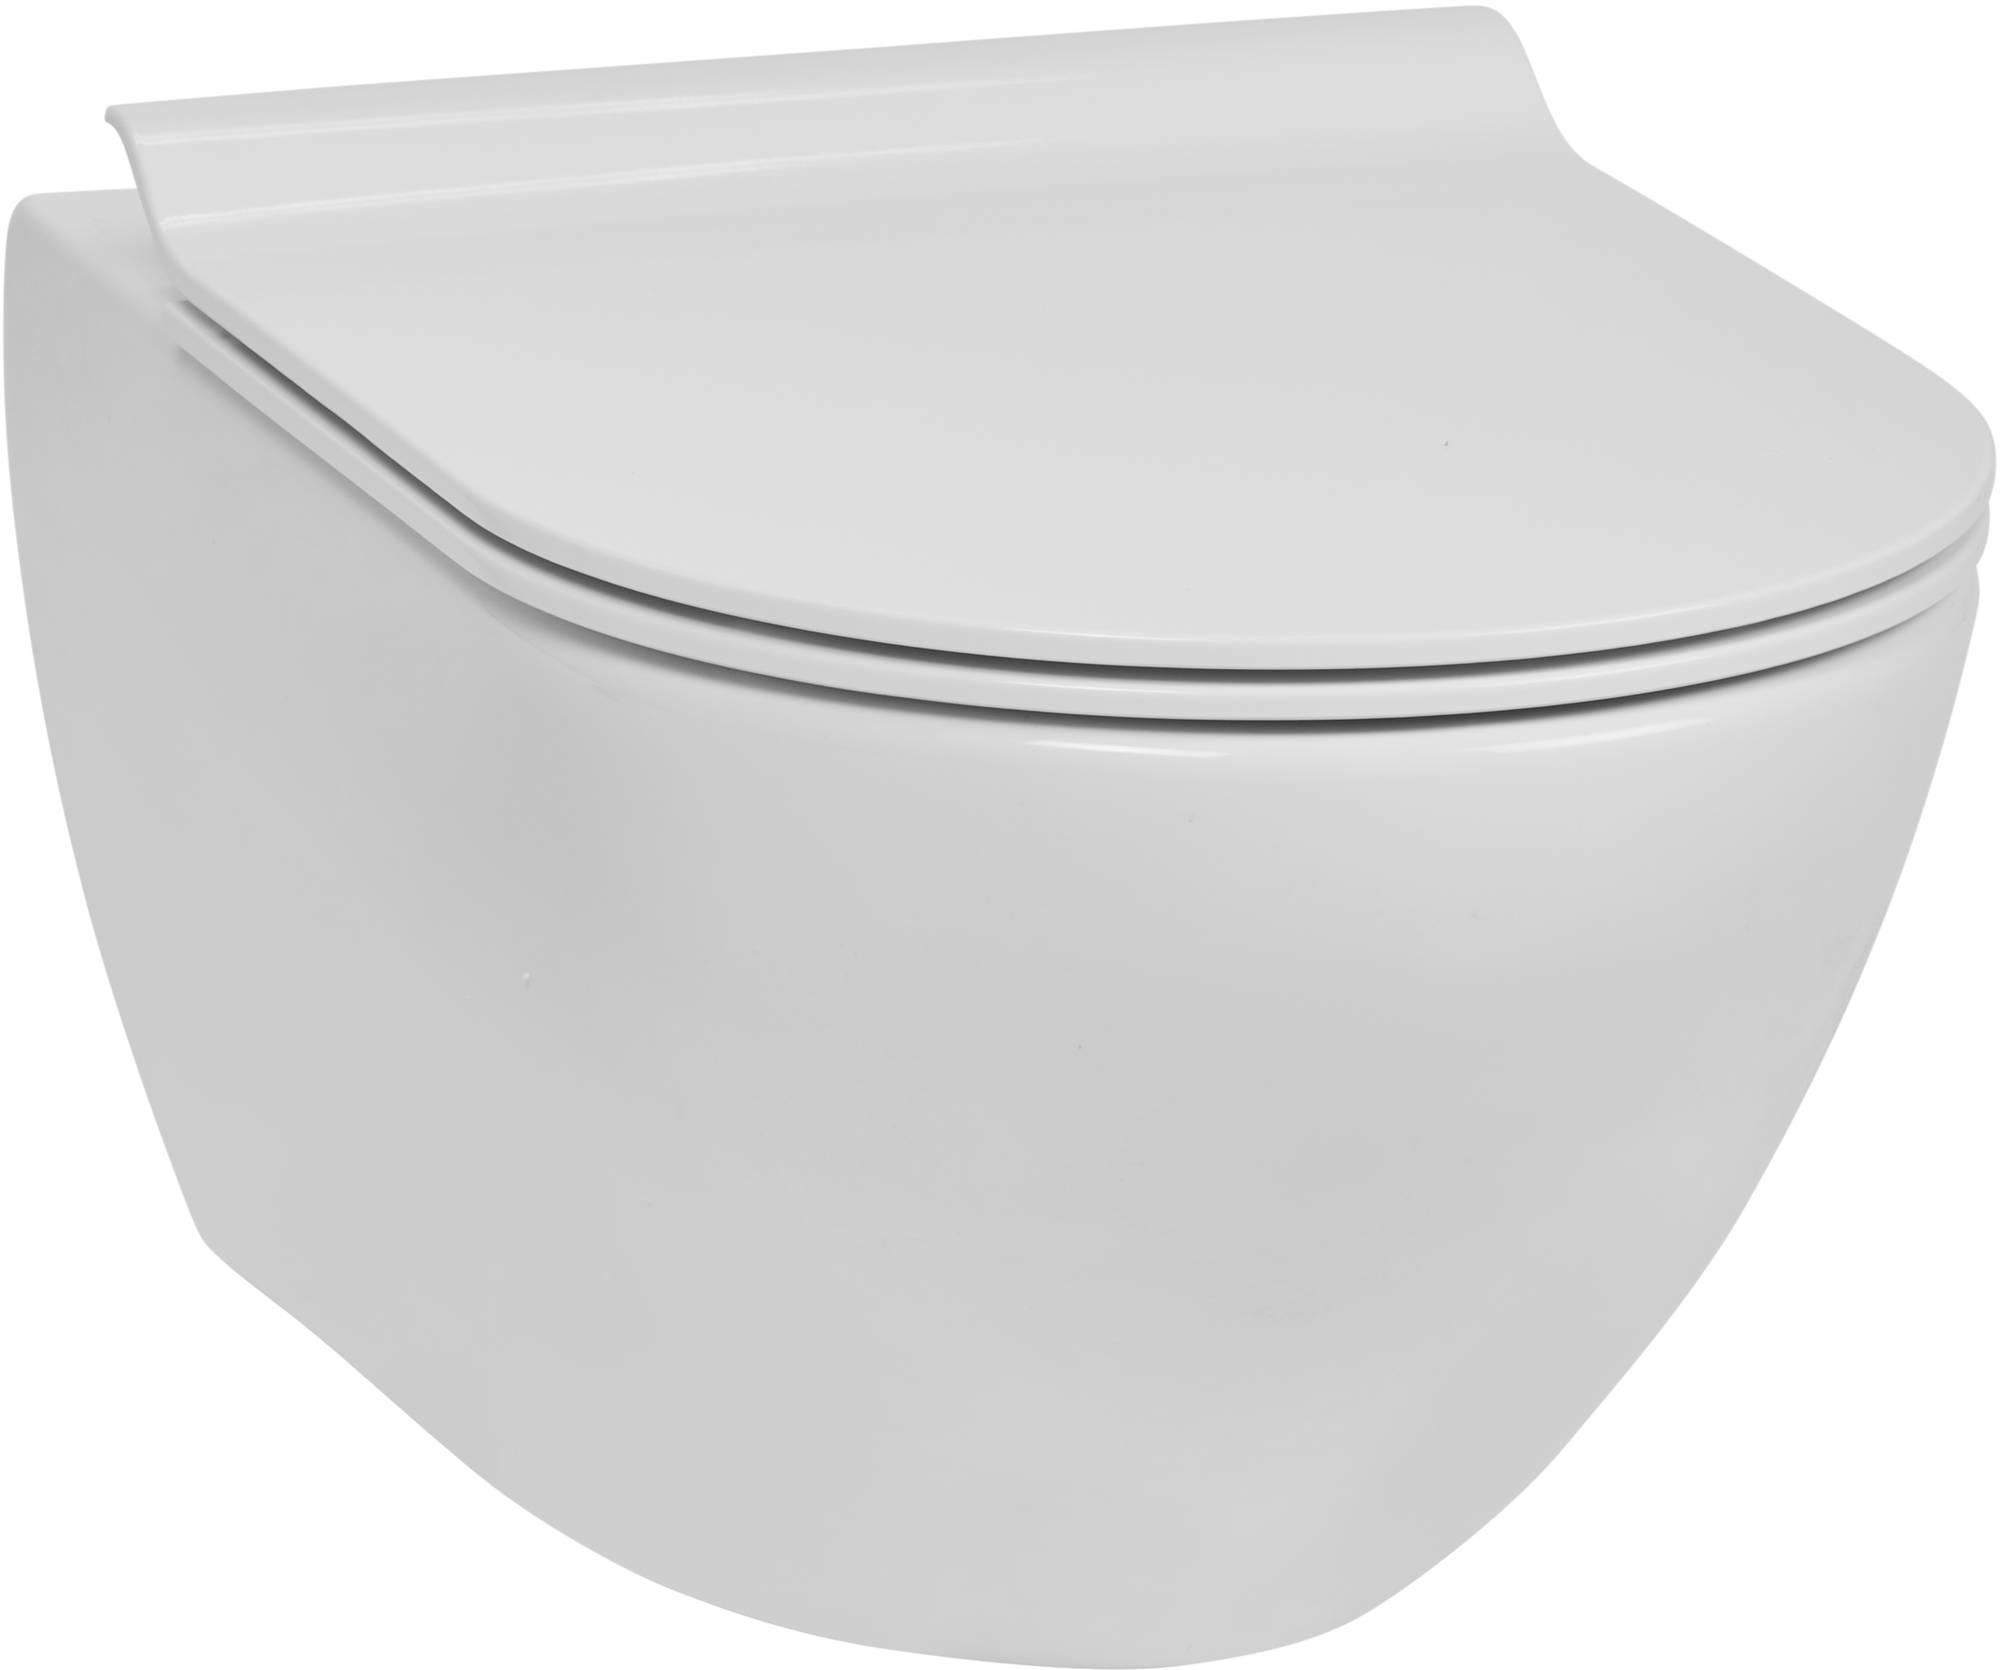 Productafbeelding van Ben Segno hangtoilet met toiletbril slimseat Xtra glaze+ Free flush wit